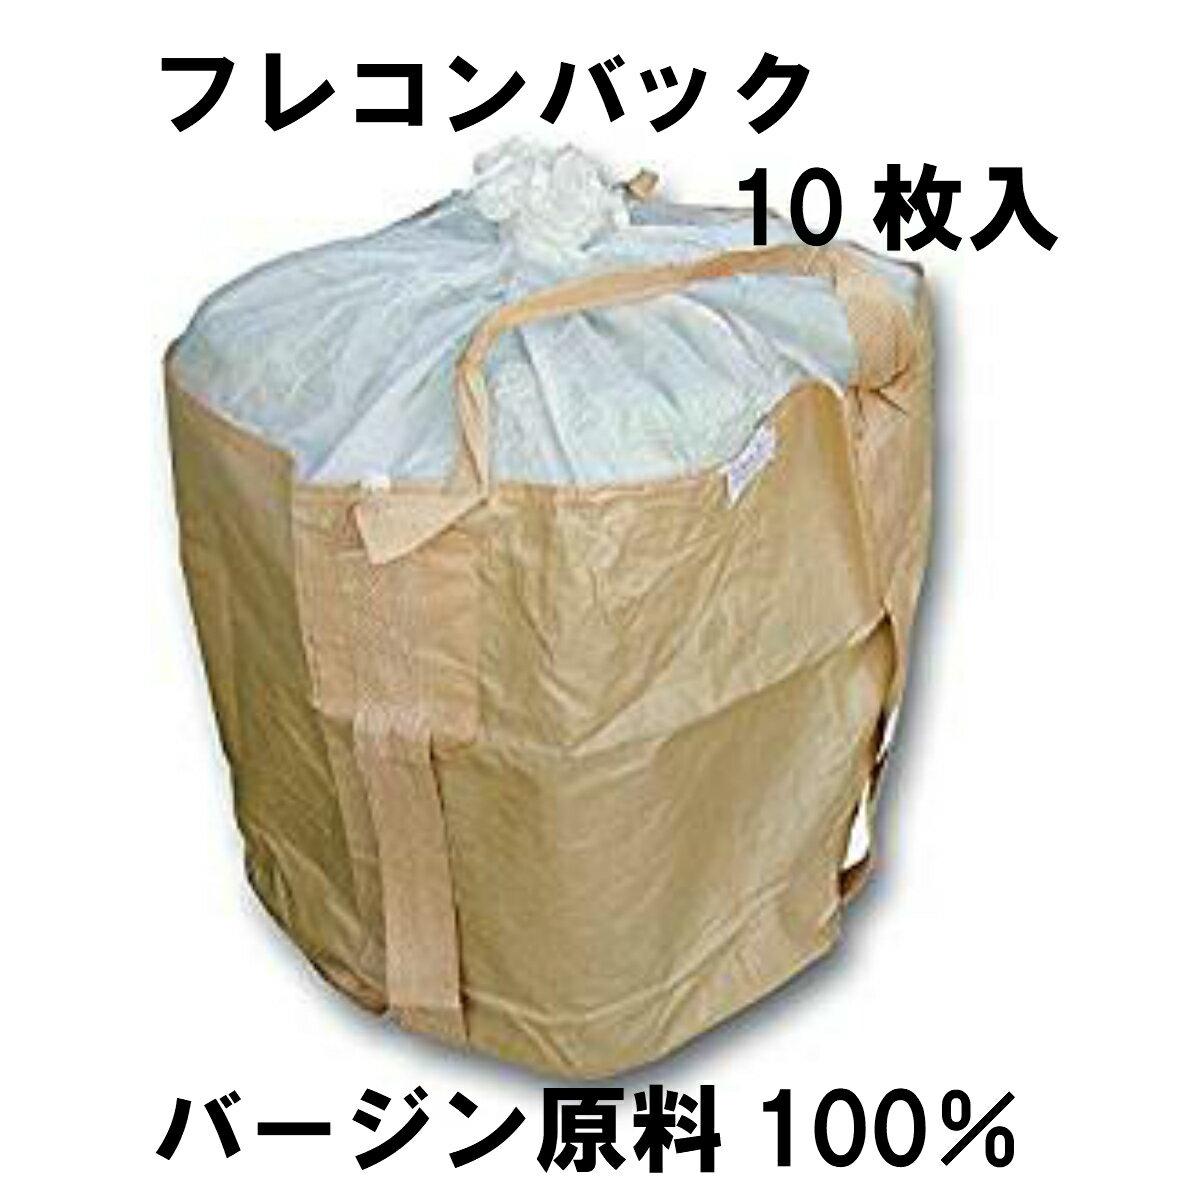 コンテナバック 10枚 丸型 バージン原料100% 送料無料 フレコンバック トン袋